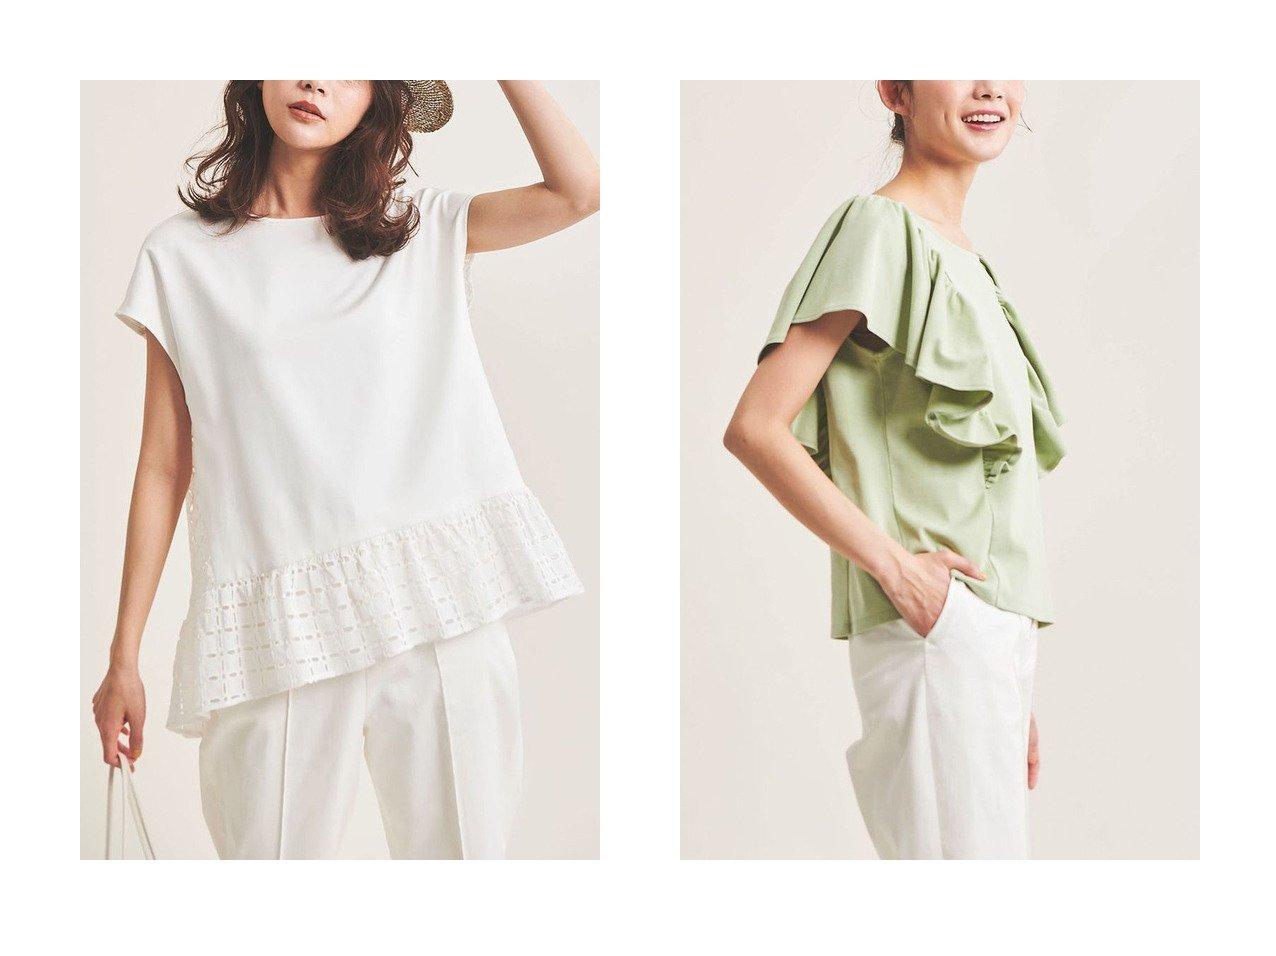 【The Virgnia/ザ ヴァージニア】のフレアスリーブカットソー&カットワーク幾何学刺しゅうトップス 【トップス・カットソー】おすすめ!人気、トレンド・レディースファッションの通販 おすすめで人気の流行・トレンド、ファッションの通販商品 メンズファッション・キッズファッション・インテリア・家具・レディースファッション・服の通販 founy(ファニー) https://founy.com/ ファッション Fashion レディースファッション WOMEN トップス・カットソー Tops/Tshirt シャツ/ブラウス Shirts/Blouses ロング / Tシャツ T-Shirts カットソー Cut and Sewn おすすめ Recommend カットソー ギャザー ショート スリーブ チュニック ドッキング レース ワーク ウォッシャブル ボトム  ID:crp329100000038728